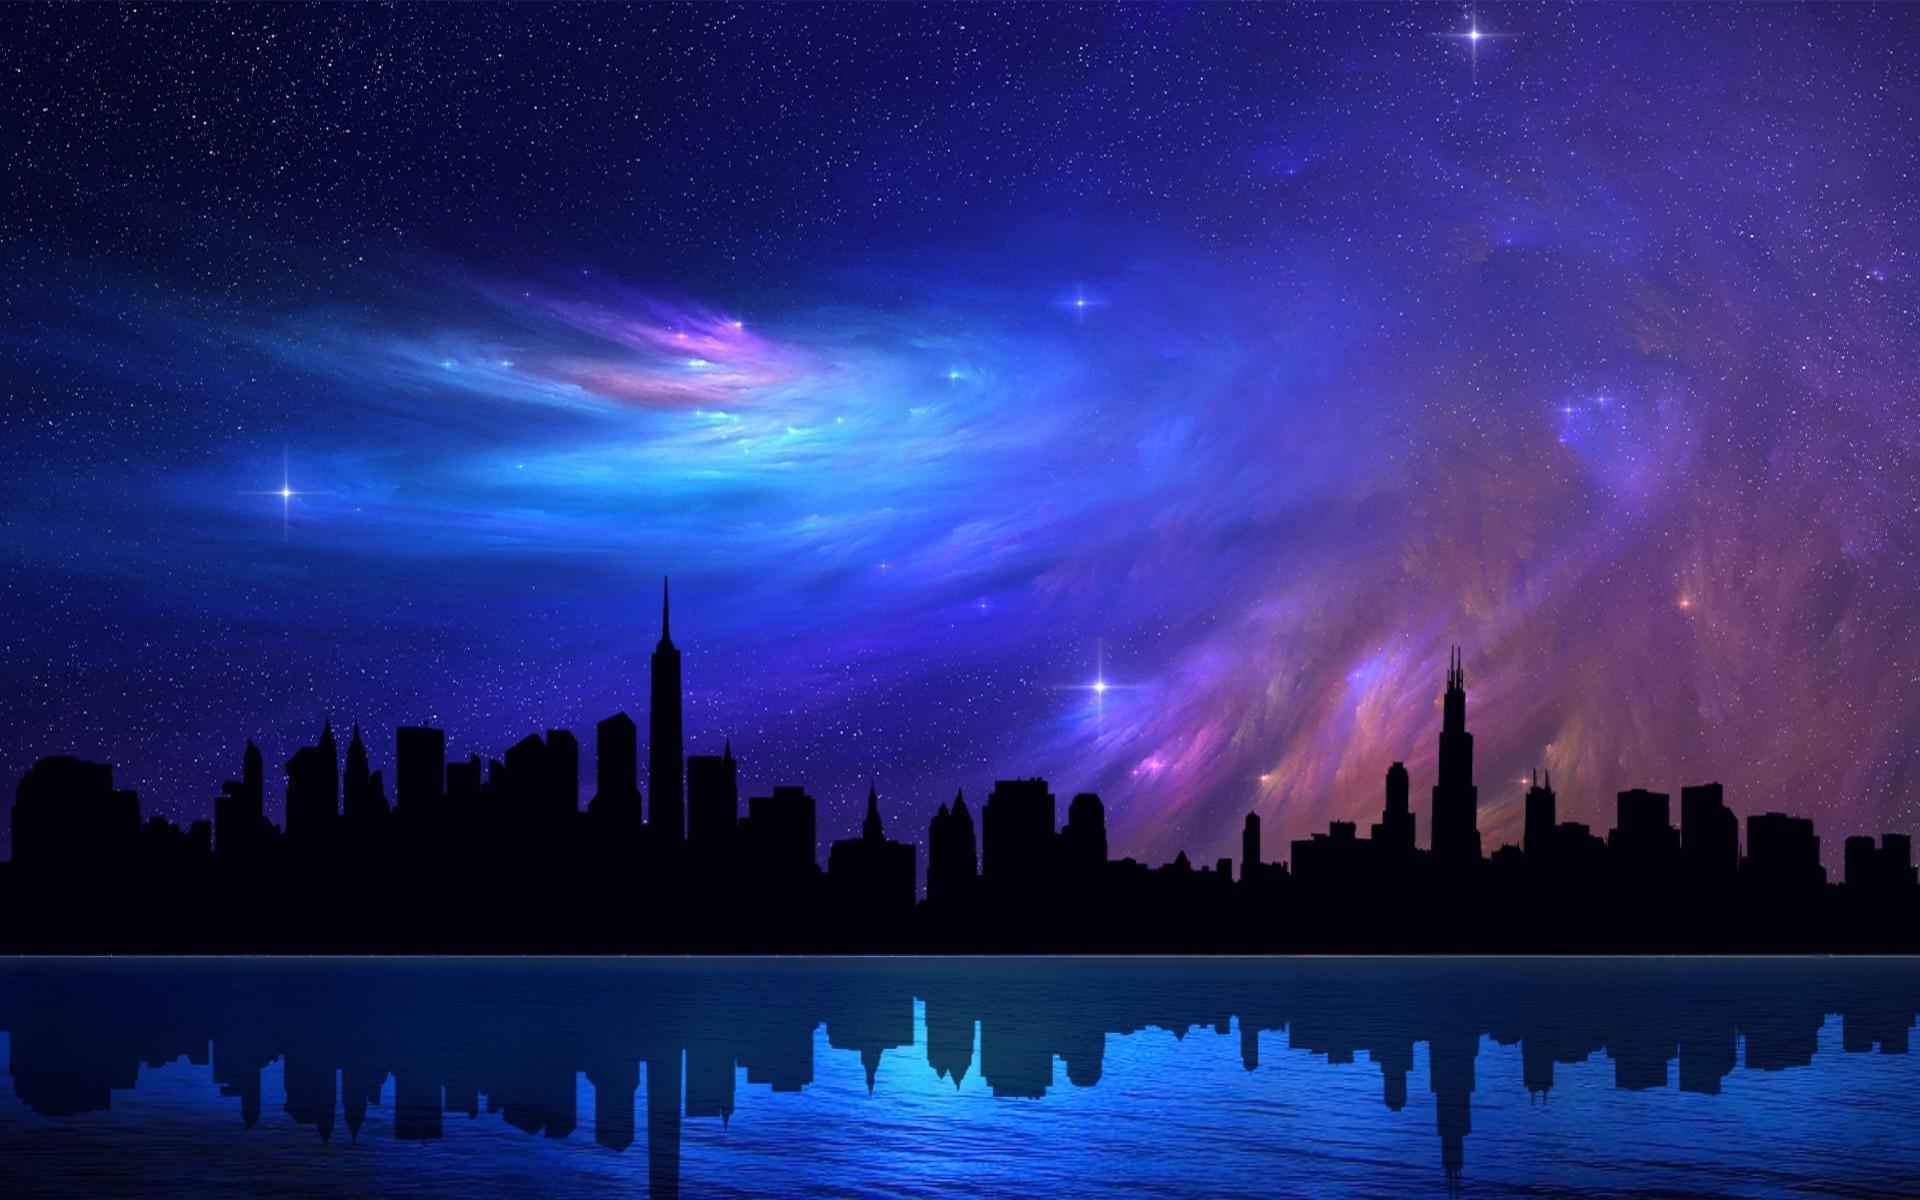 Dlaczego nocne niebo jest czarne?